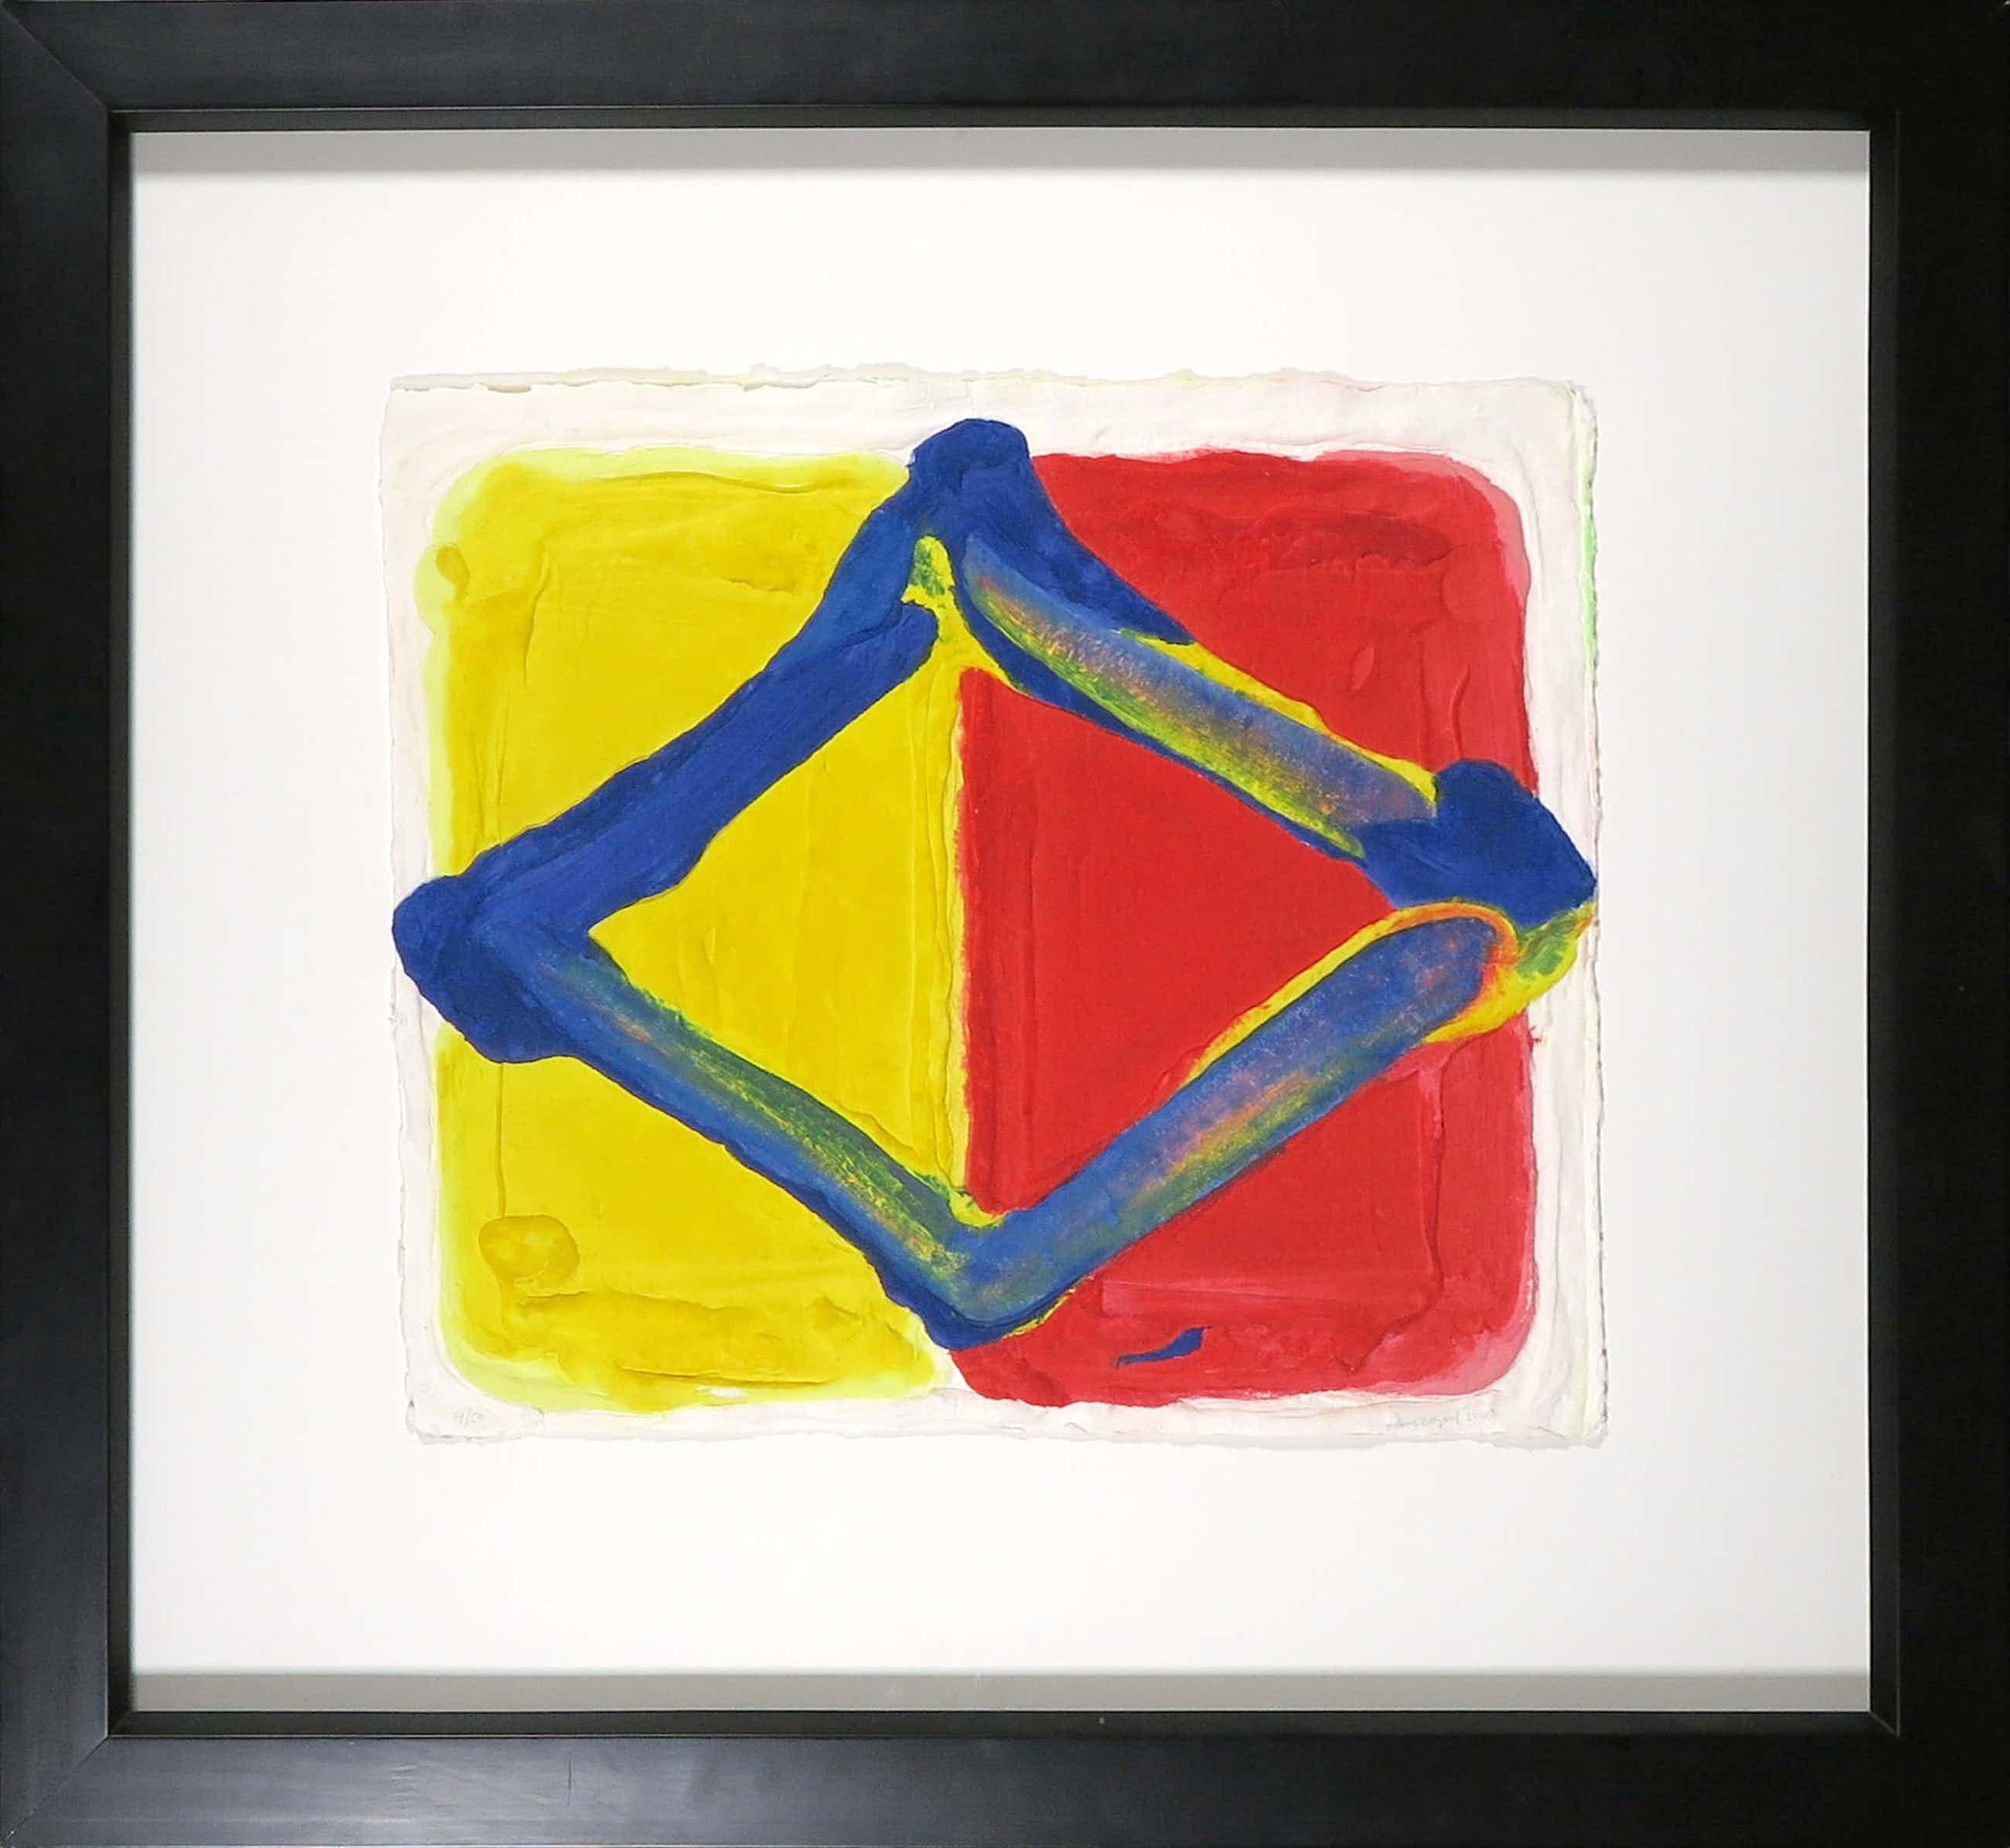 Bram Bogart - Aquagravure op geschept papier, Losange fond rouge/jaune - Ingelijst kopen? Bied vanaf 1350!